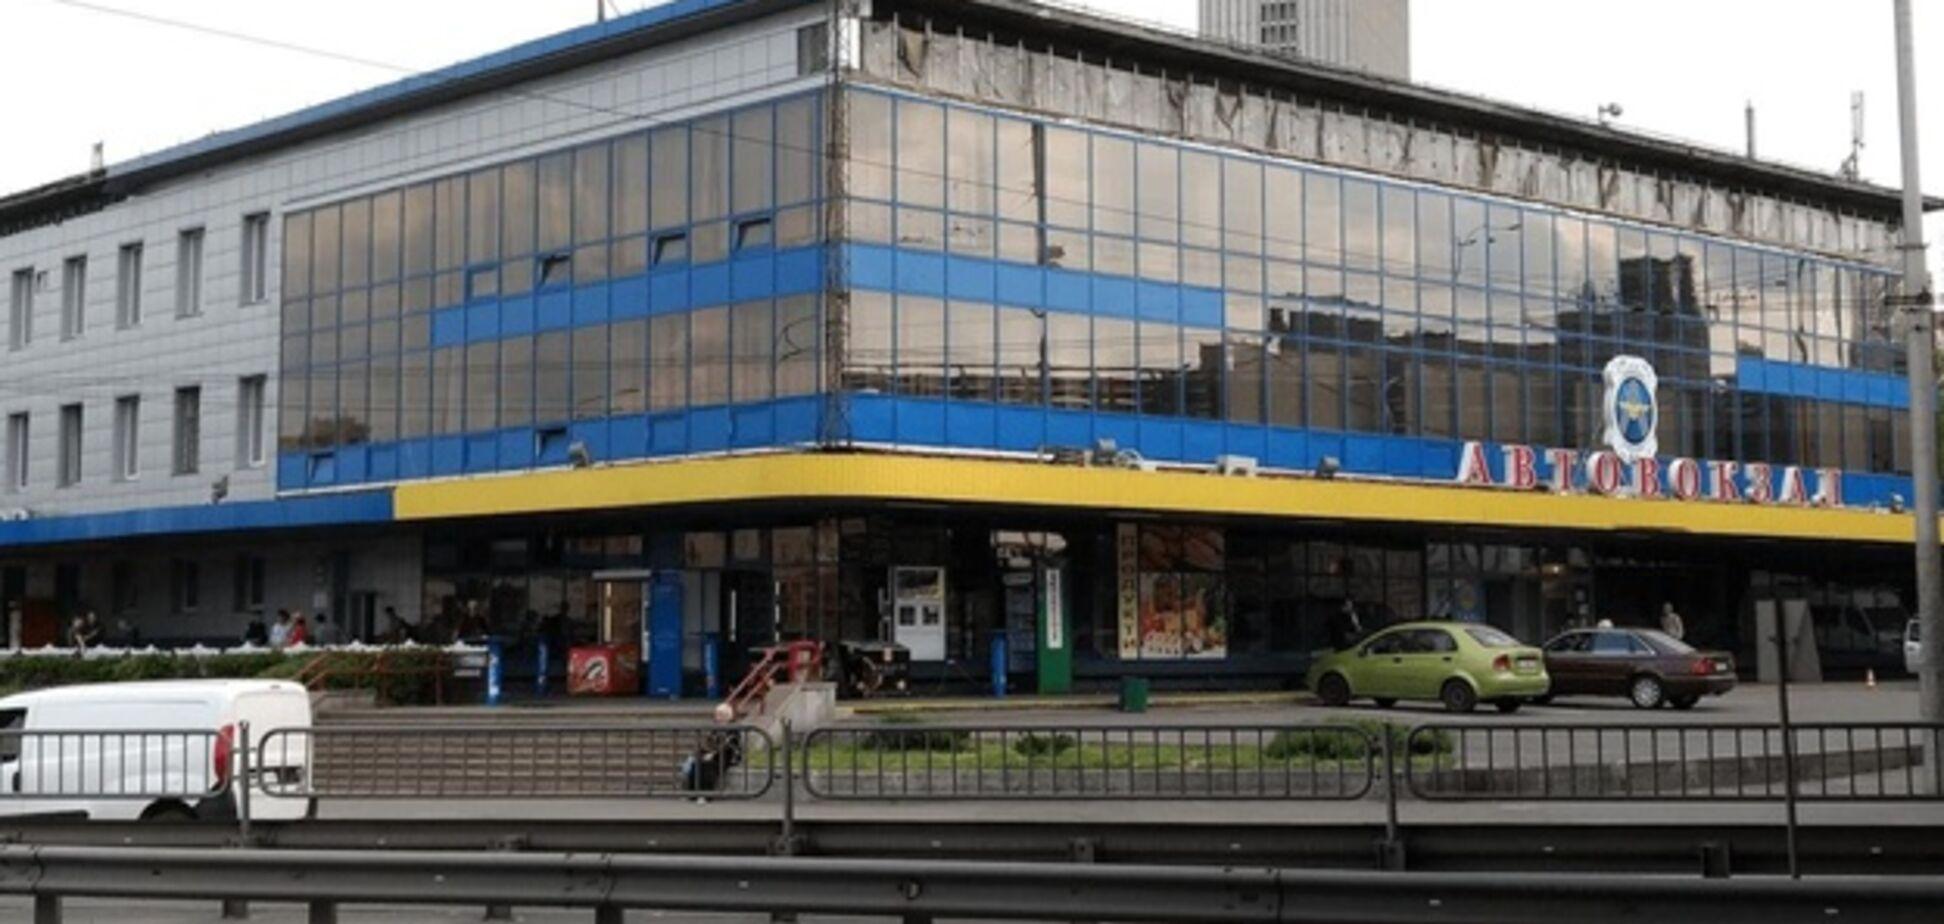 Центральний київський автовокзал продали на аукціоні, що тепер буде